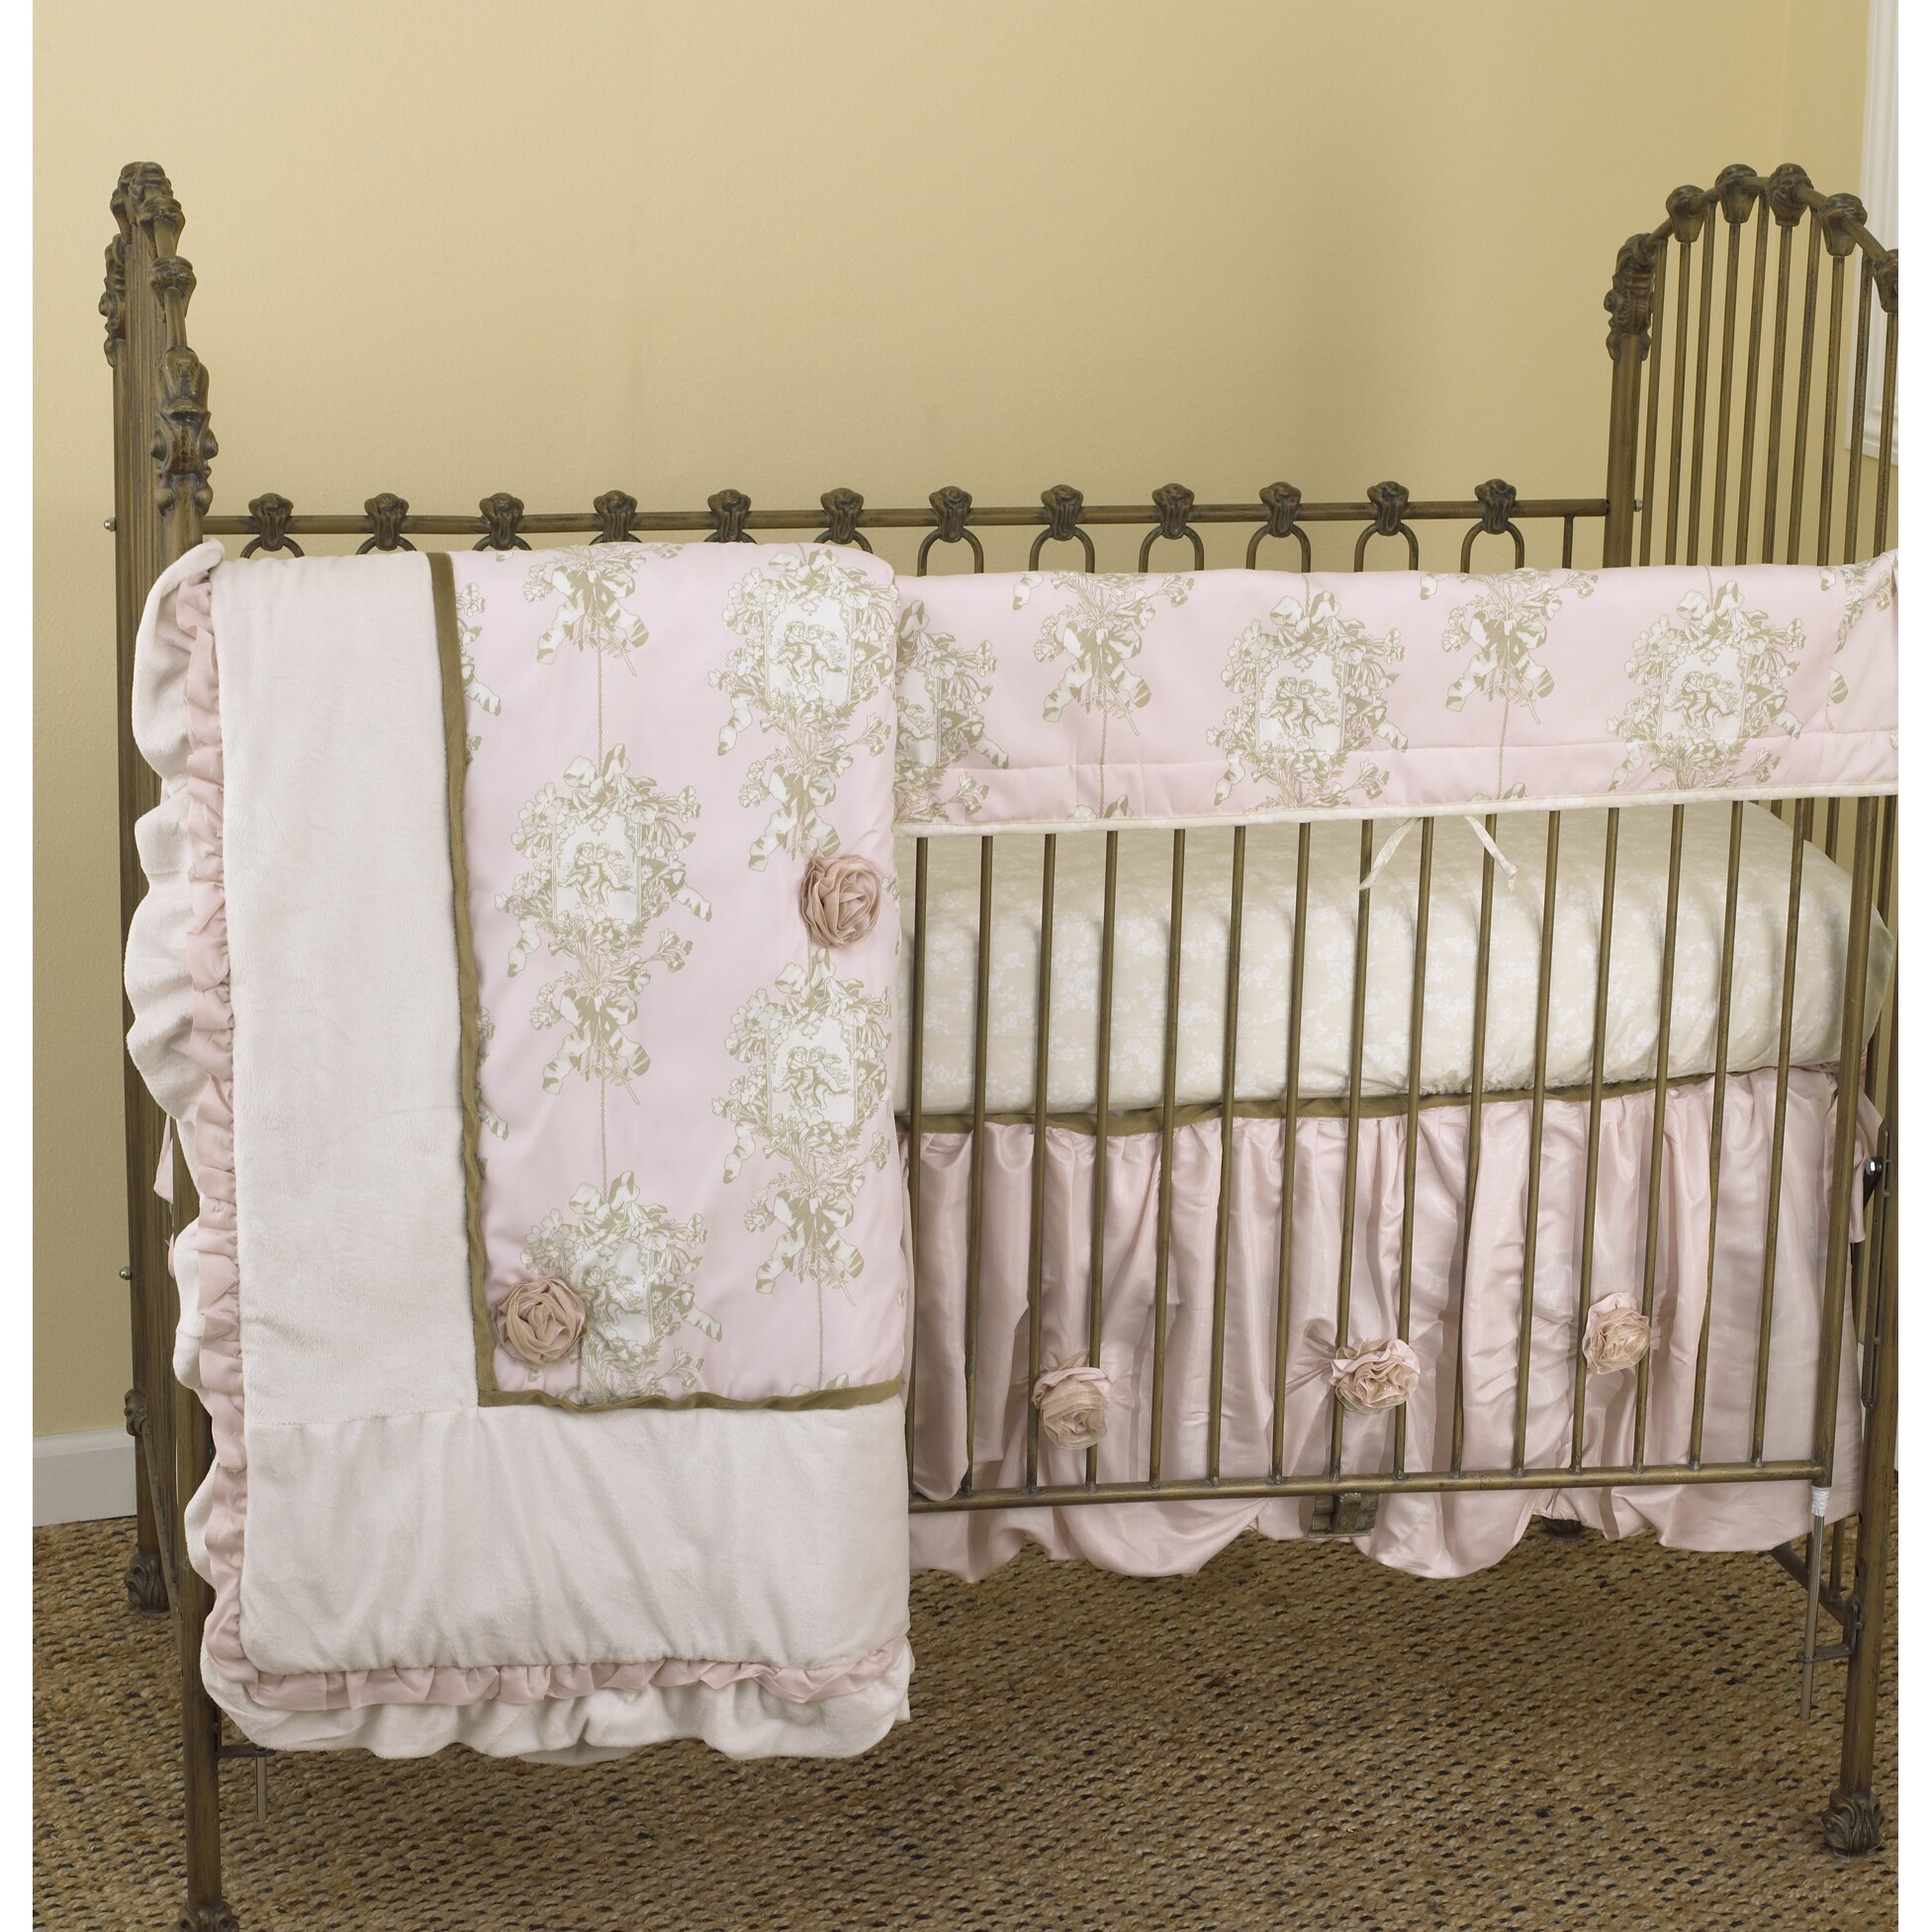 Cotton Tale Lollipops & Roses 4 Piece Crib Bedding Set